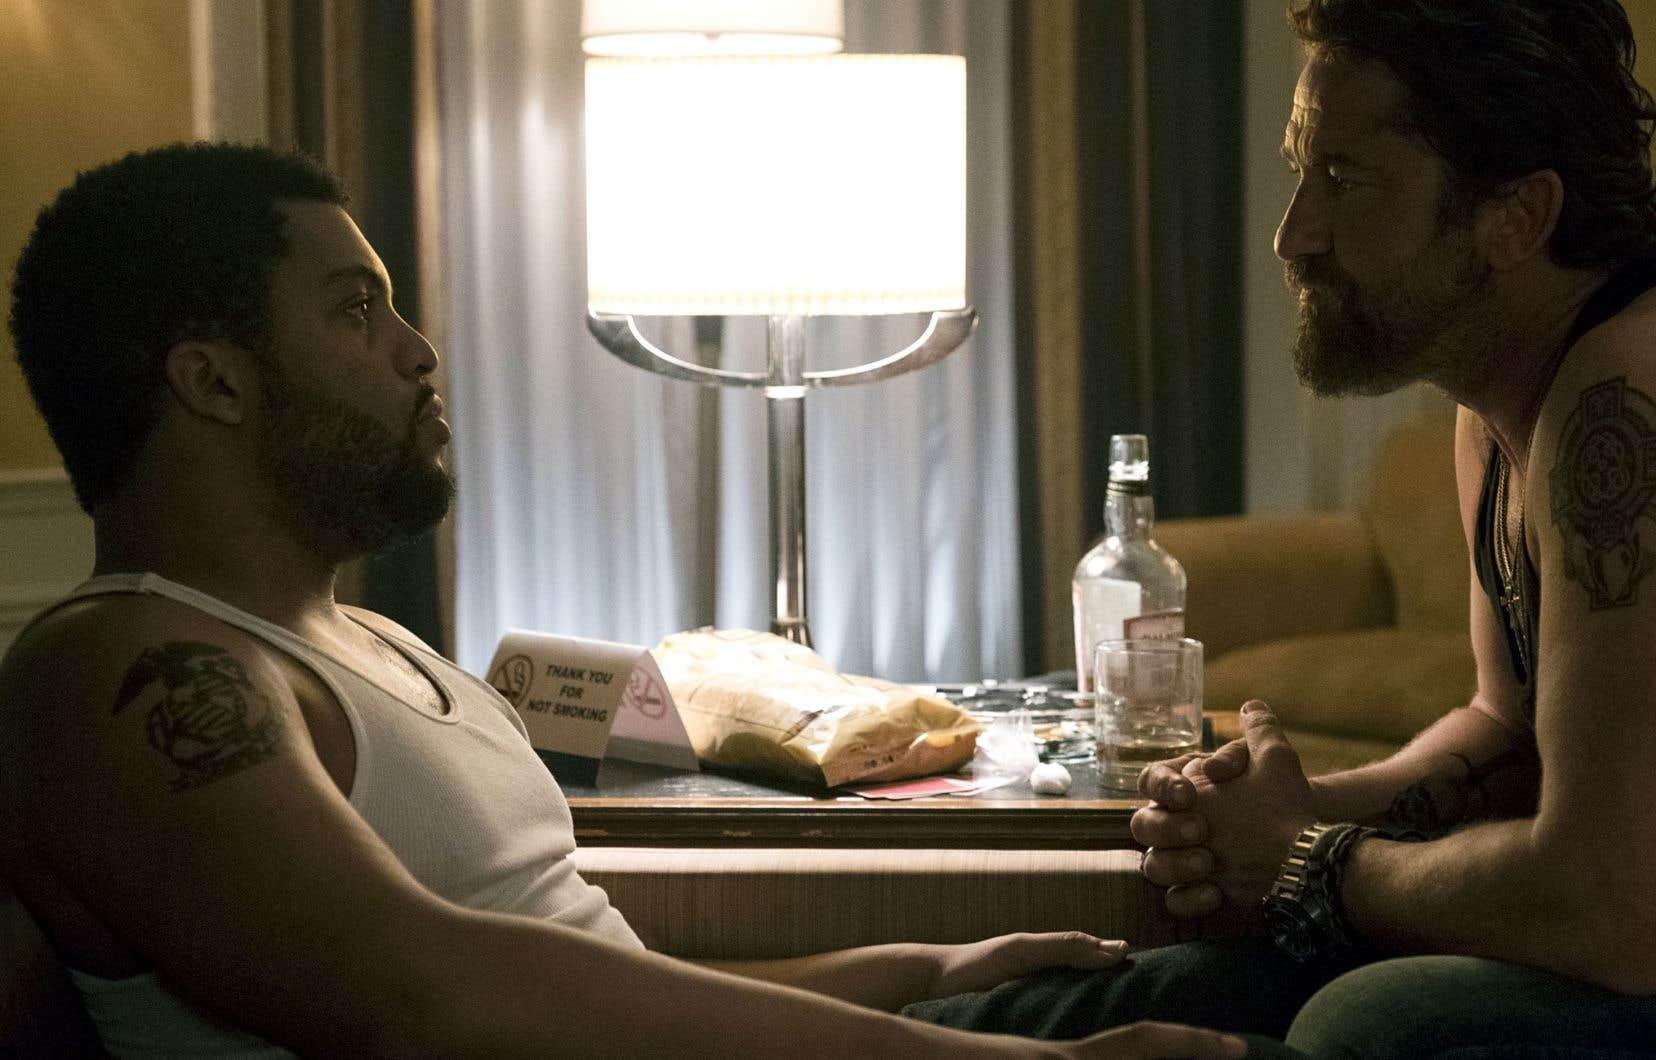 Nick Flanagan (Gerard Butler, à droite) espère se faire un allié de Donnie (O'Shea Jackson Jr.), barman discret qui travaille là où l'ennemi a établi son repaire.